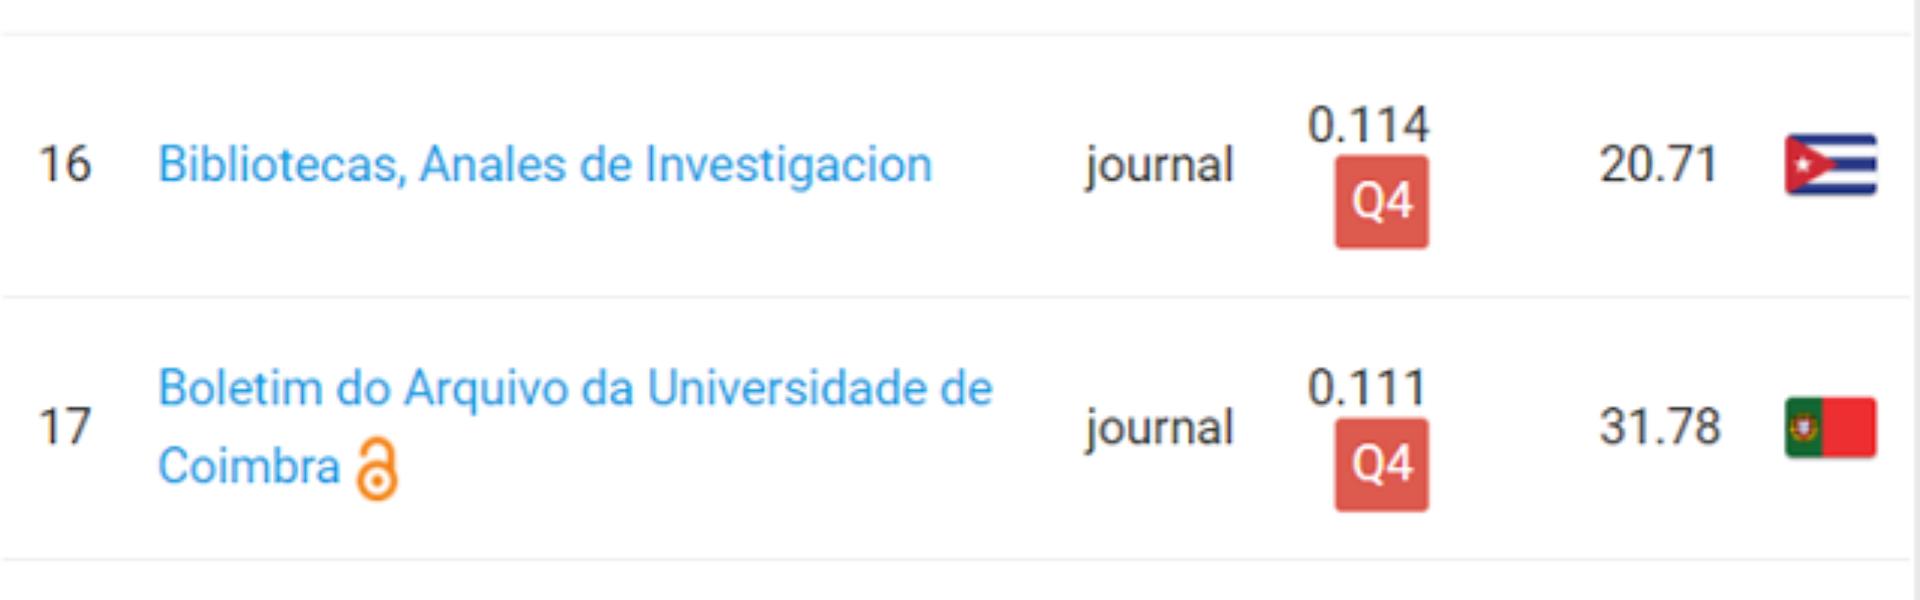 BAUC no Ranking das Revistas Ibero-americanas Indexadas - Q4